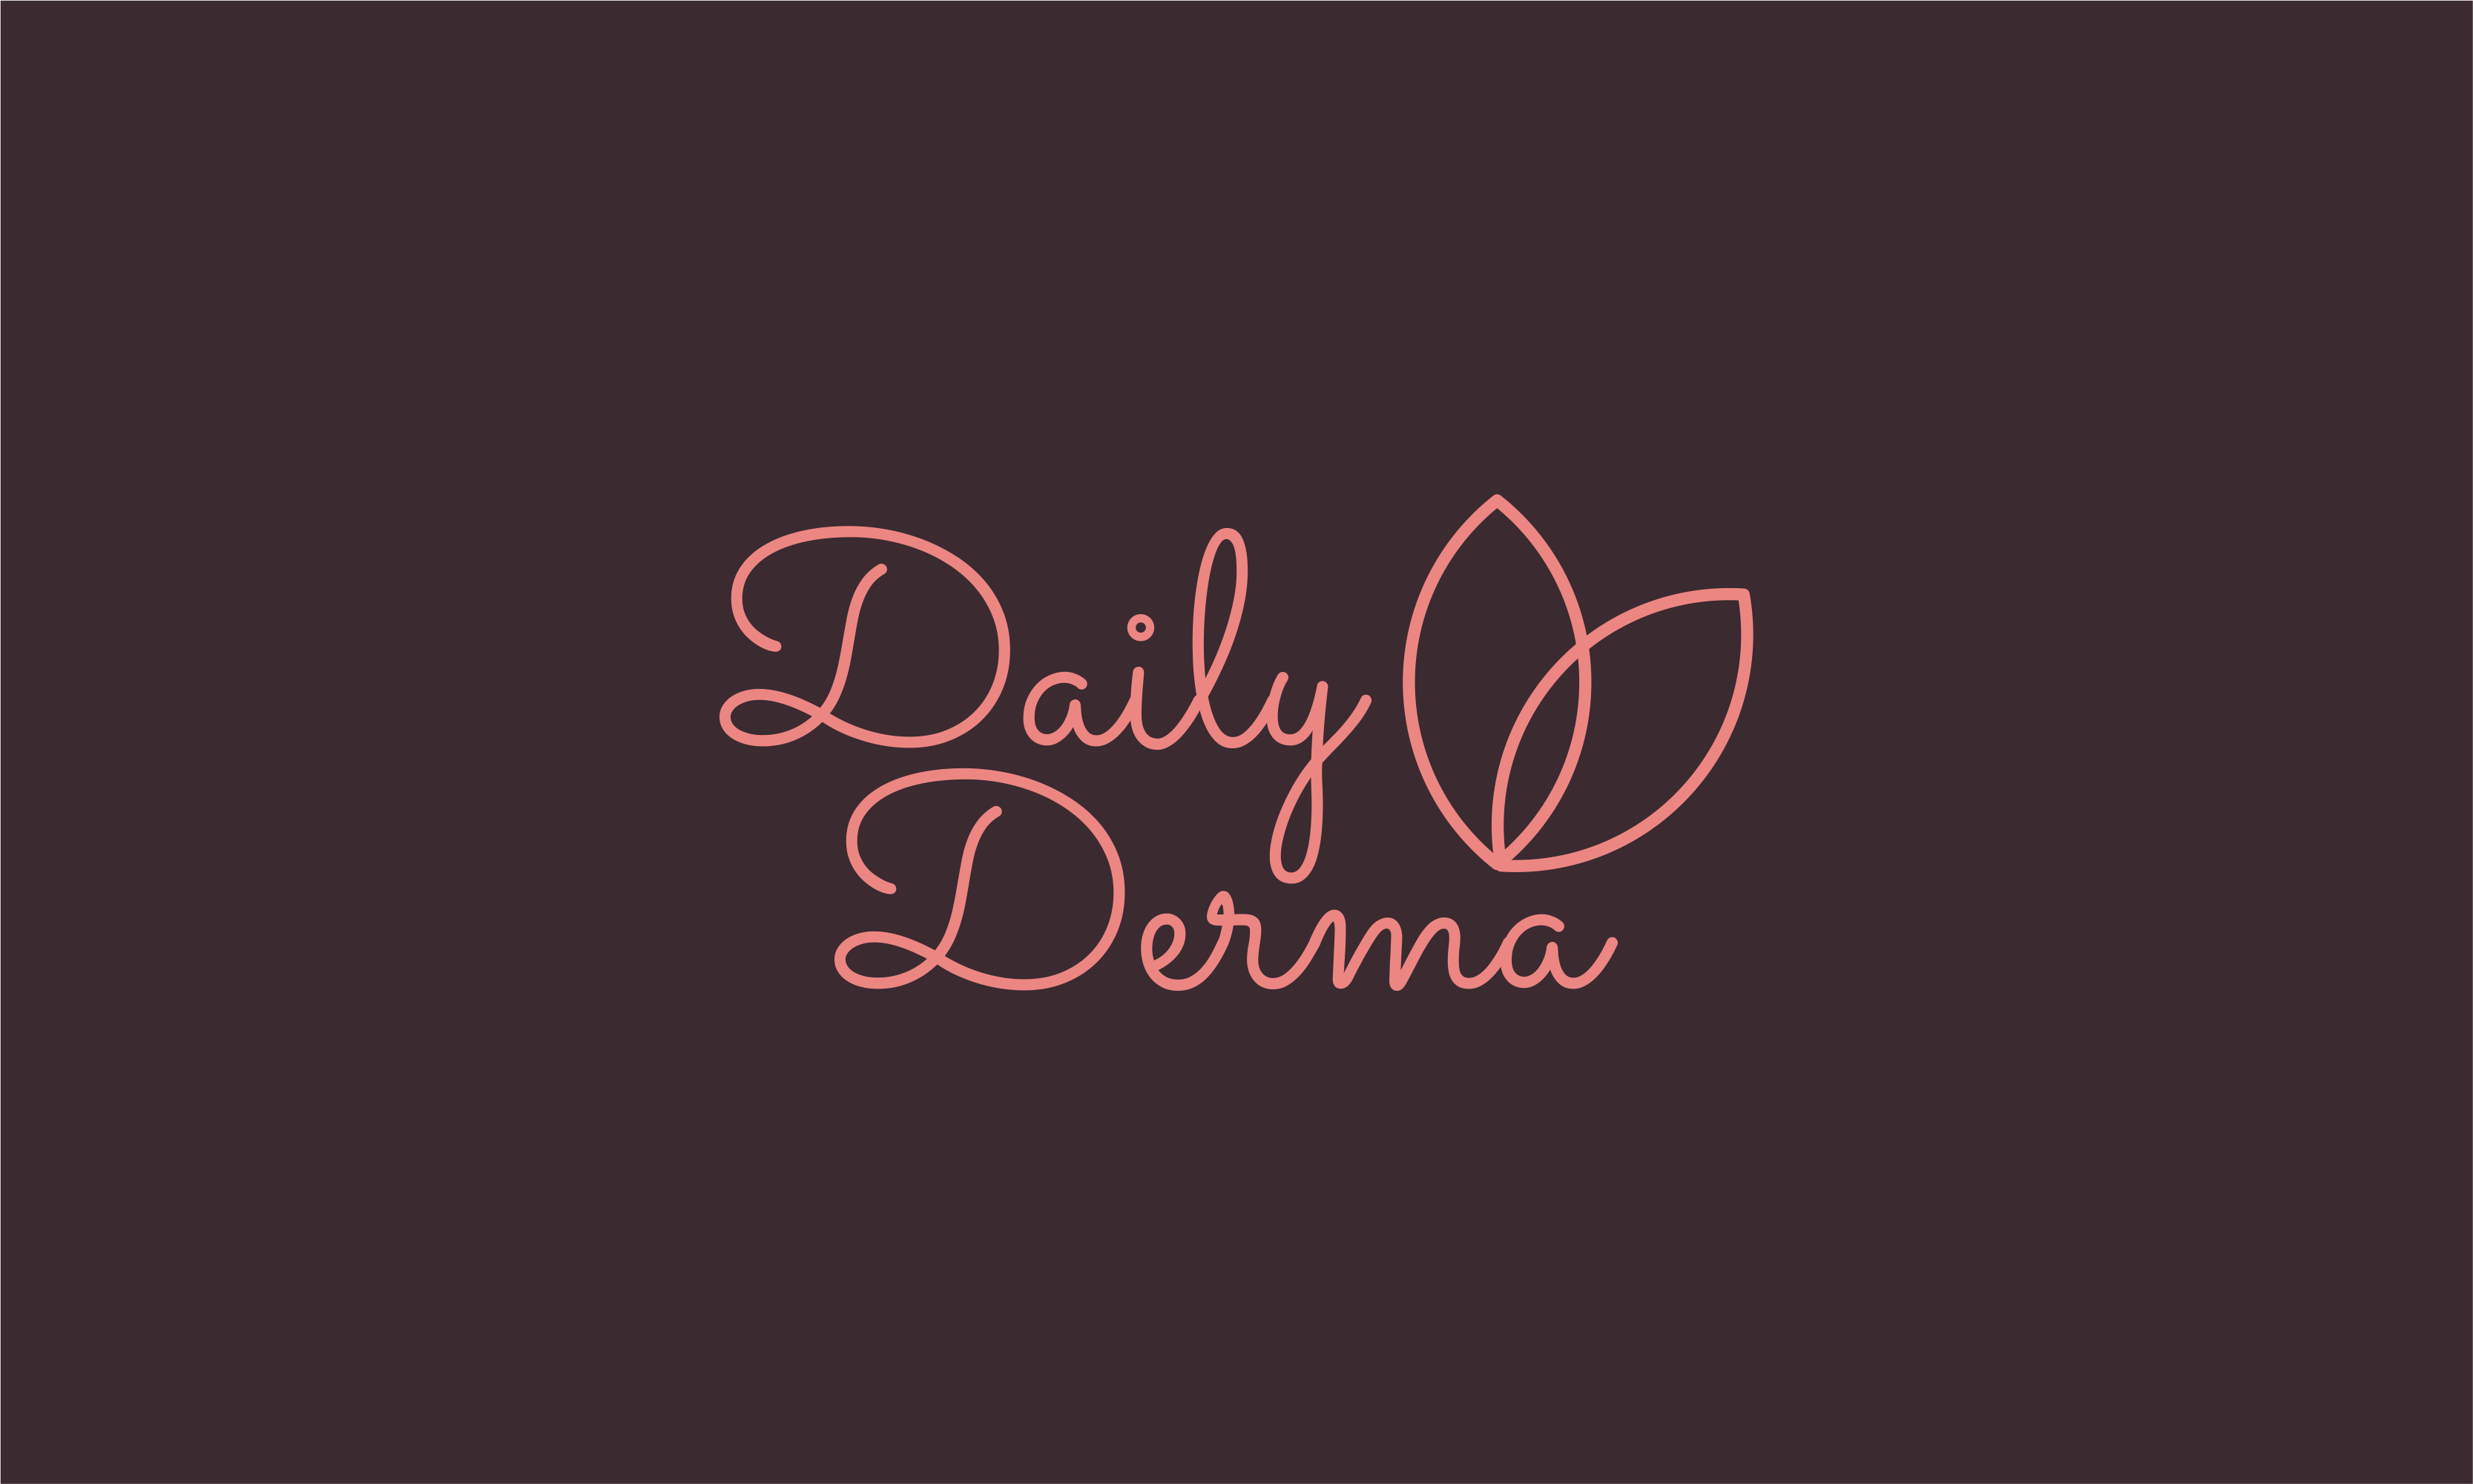 Dailyderma